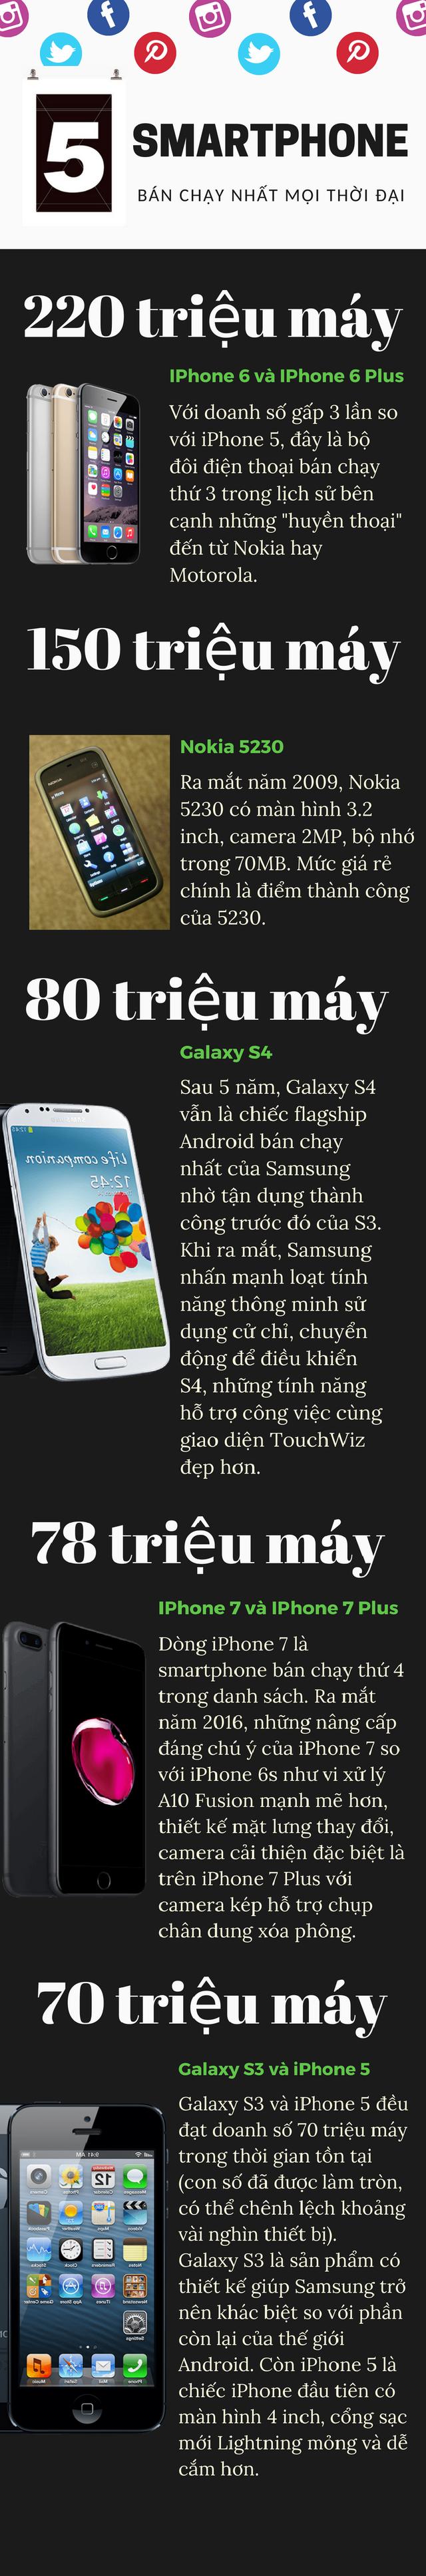 5 chiếc smartphone bán chạy nhất mọi thời đại - Ảnh 1.